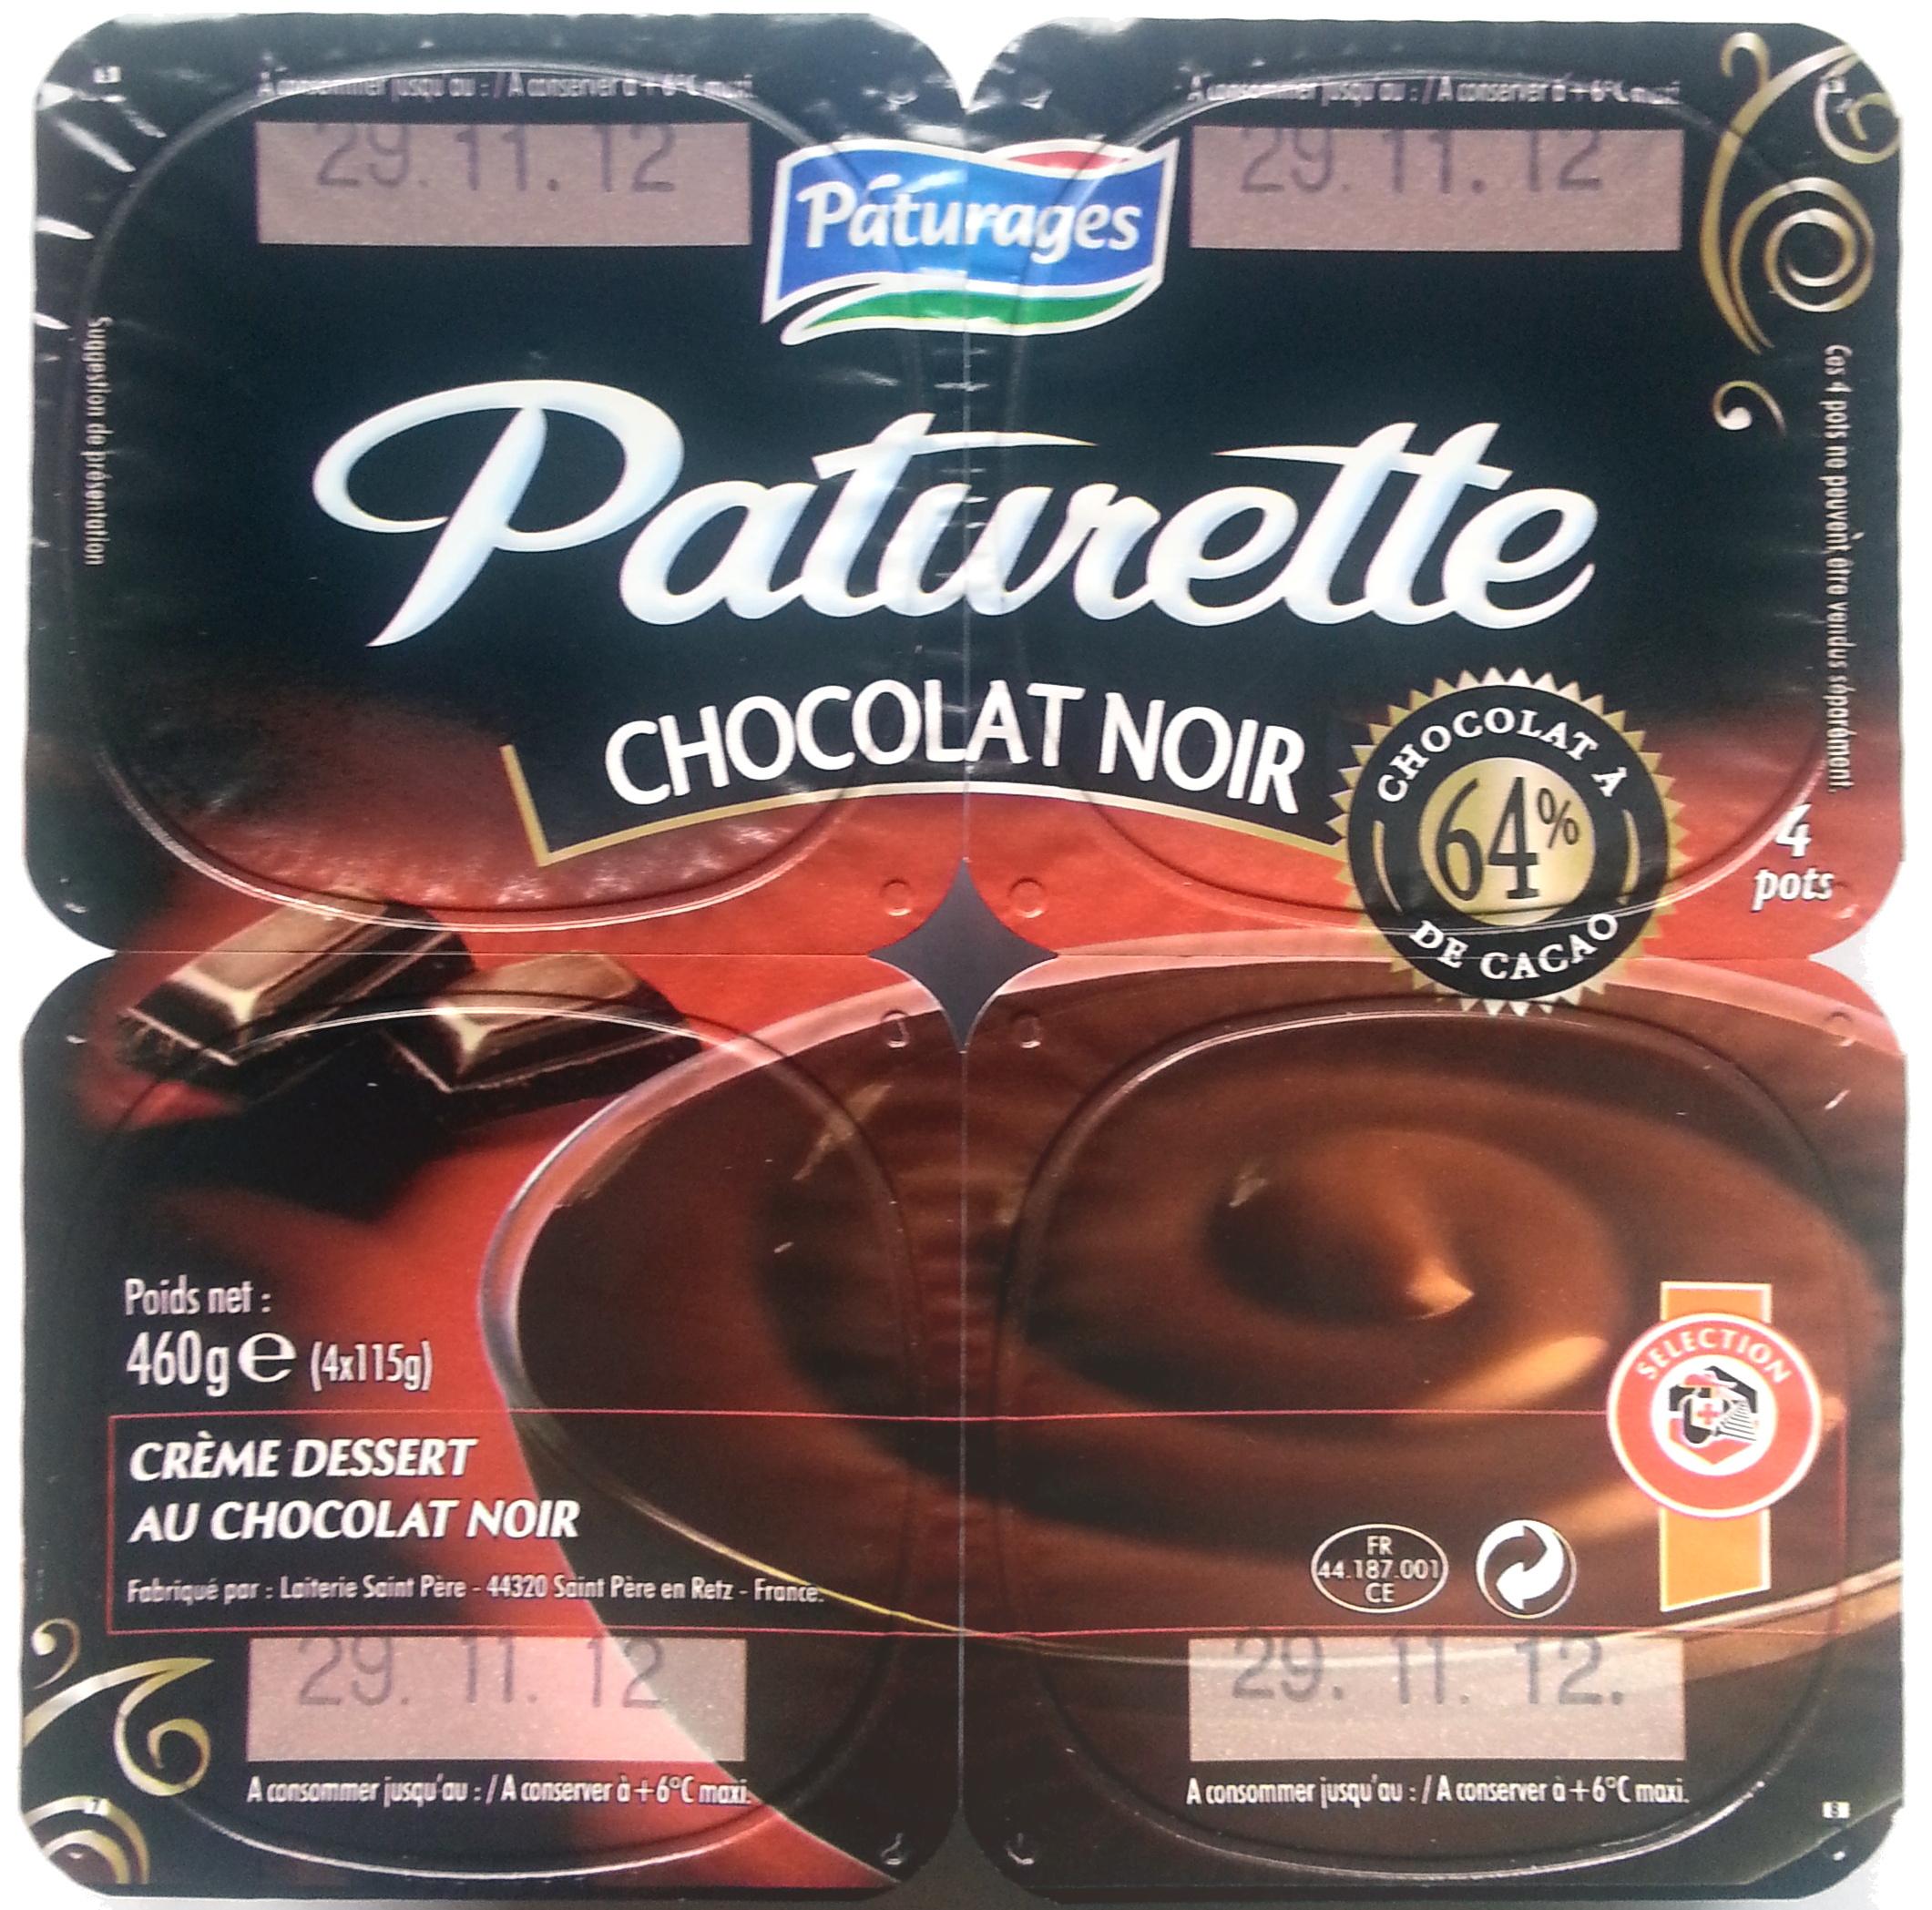 Paturette Chocolat Noir - Produit - fr